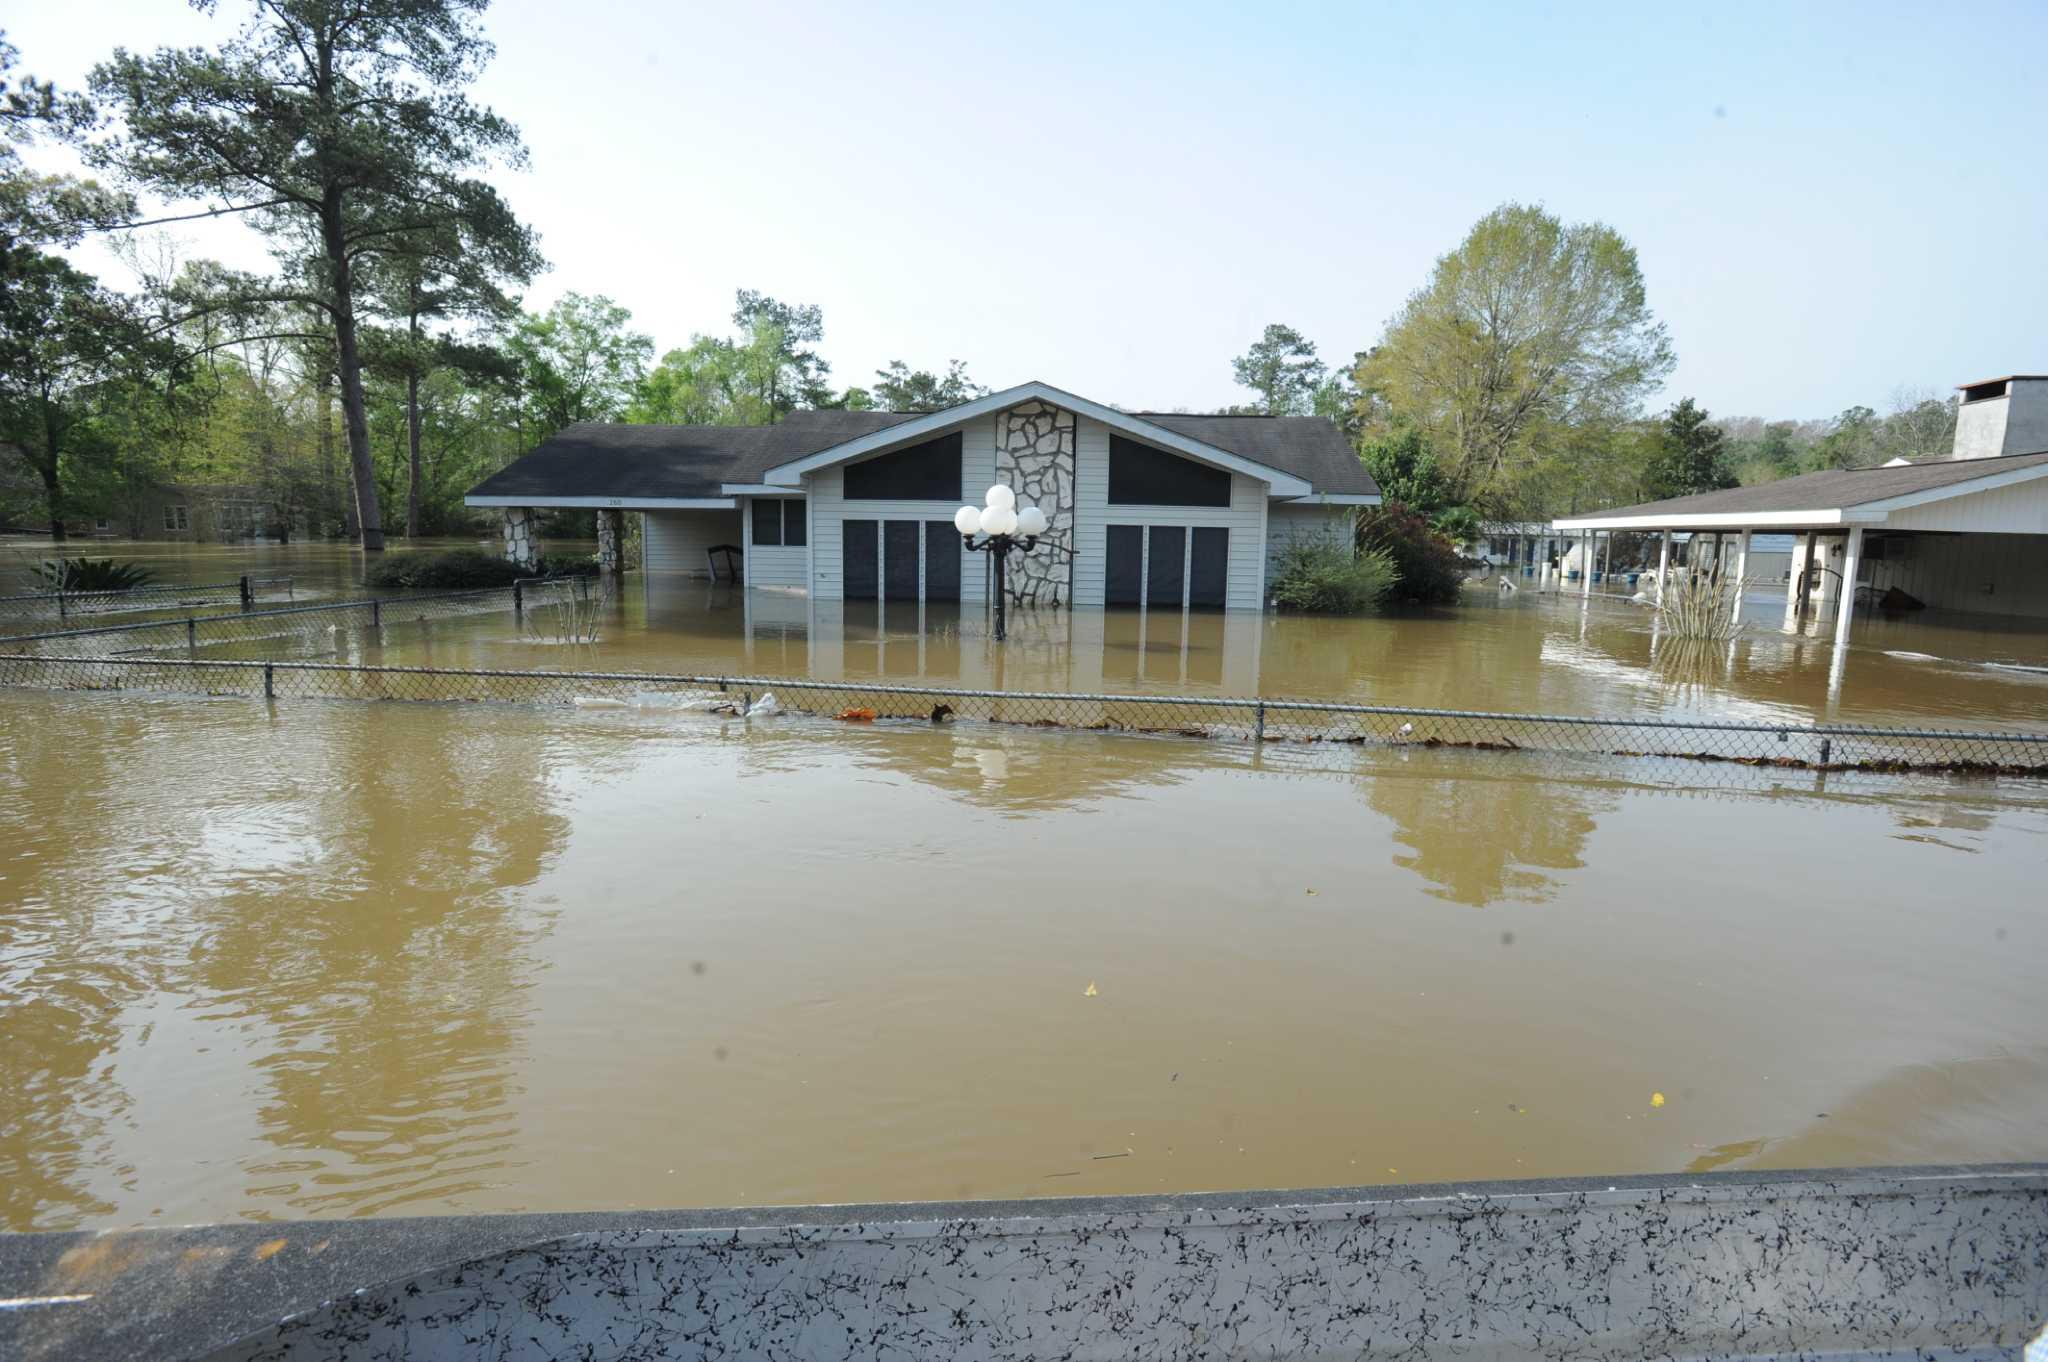 deweyville still mending from 2016 flood